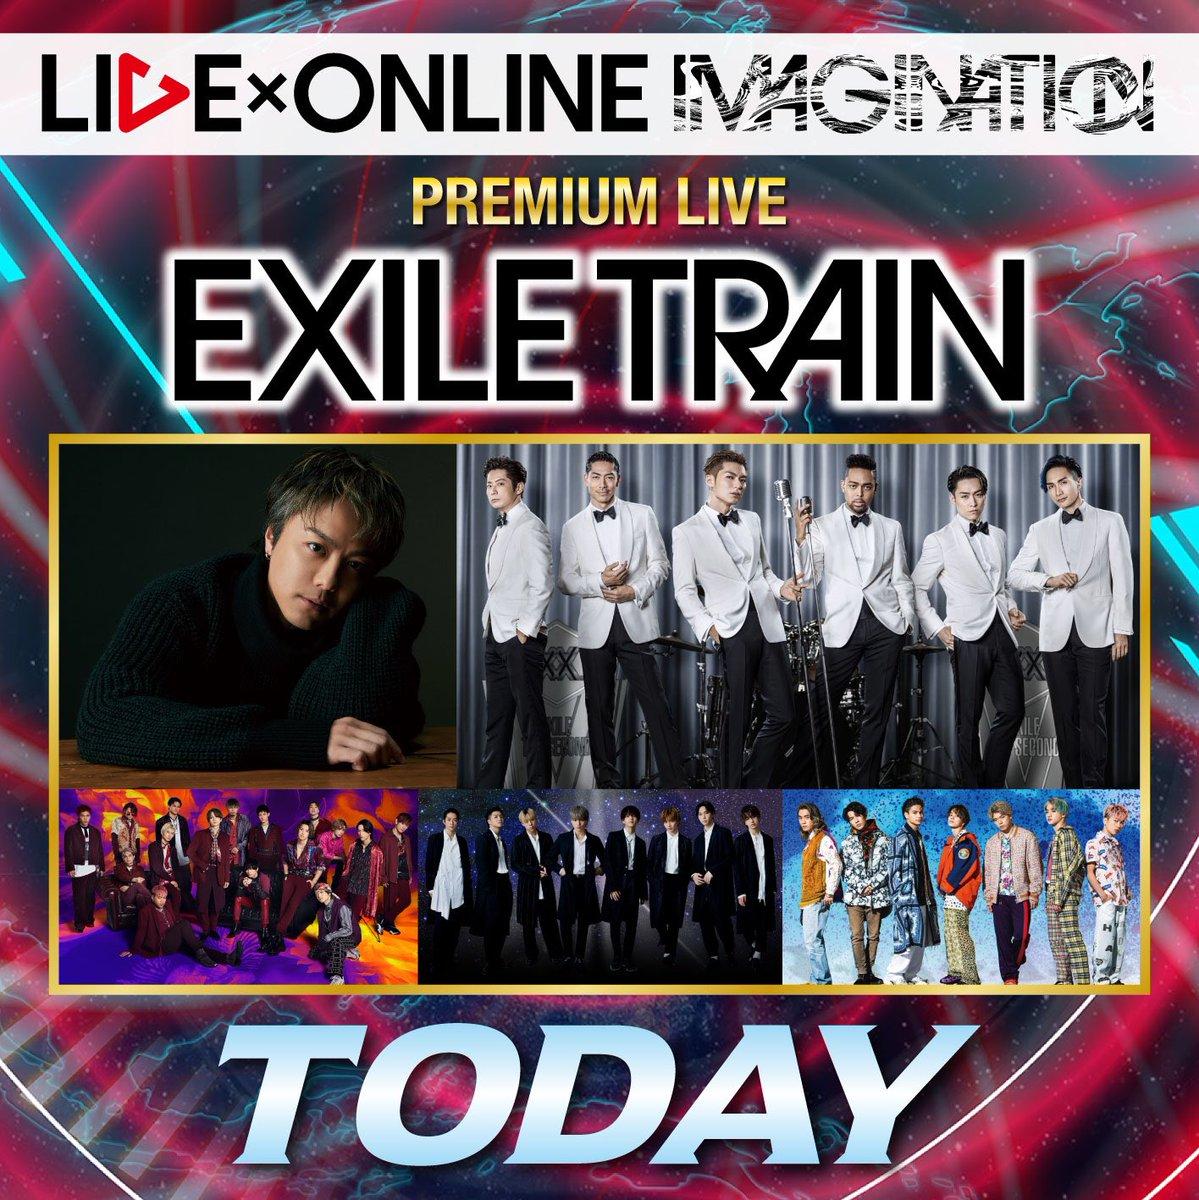 本日9月27日(日)は…‼️‼️PREMIUM LIVEEXILE TRAINのLIVE×ONLINE🚂✨EXILE誕生19年記念の特別な一夜となるライブをお見逃しなく👀#EXILETRAIN#LIVEONLINE #アベマLDH祭り#TODAY